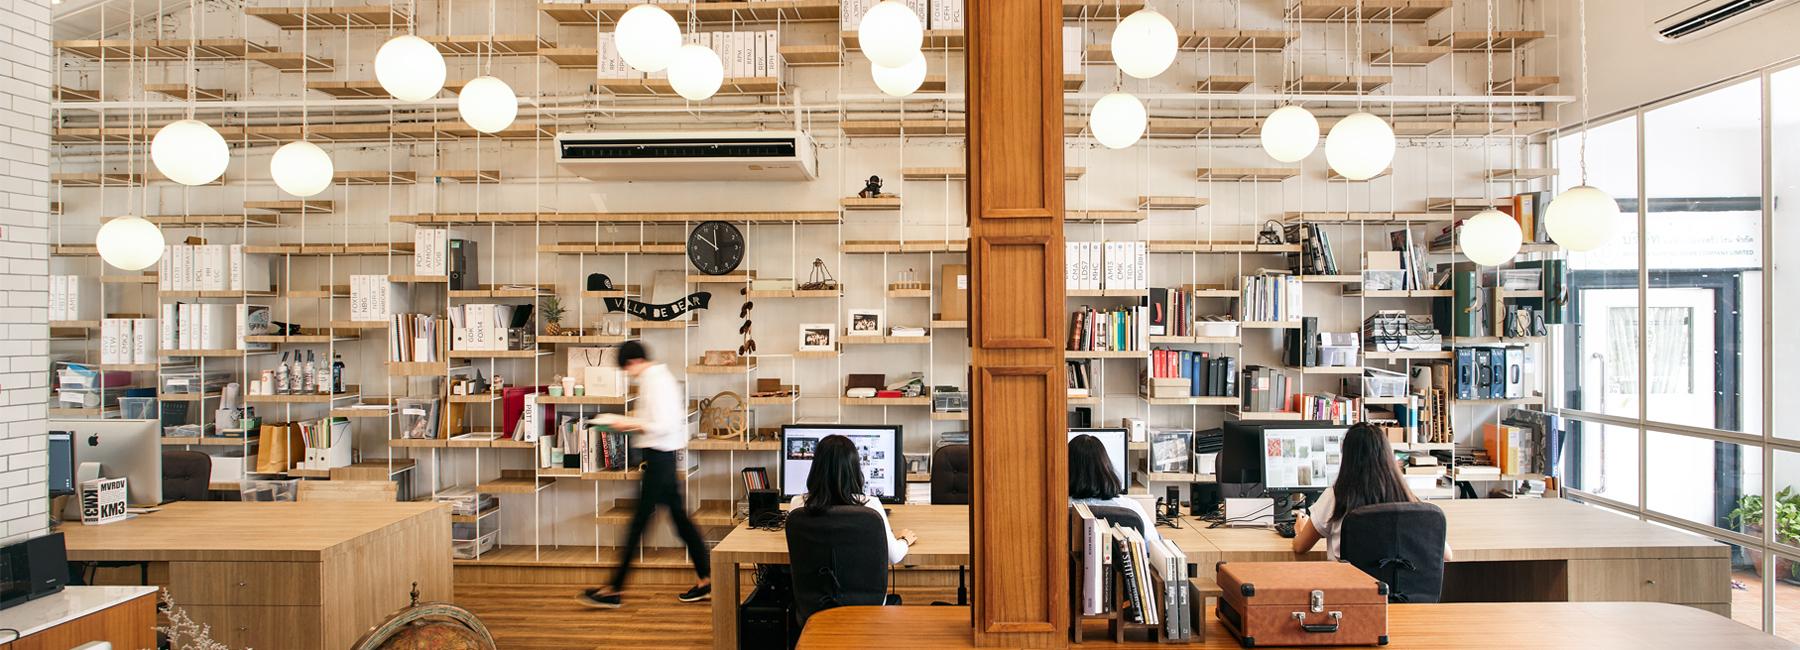 משרדים של משרד לתכנון מסעדות, עוצב כבית קפה גדול